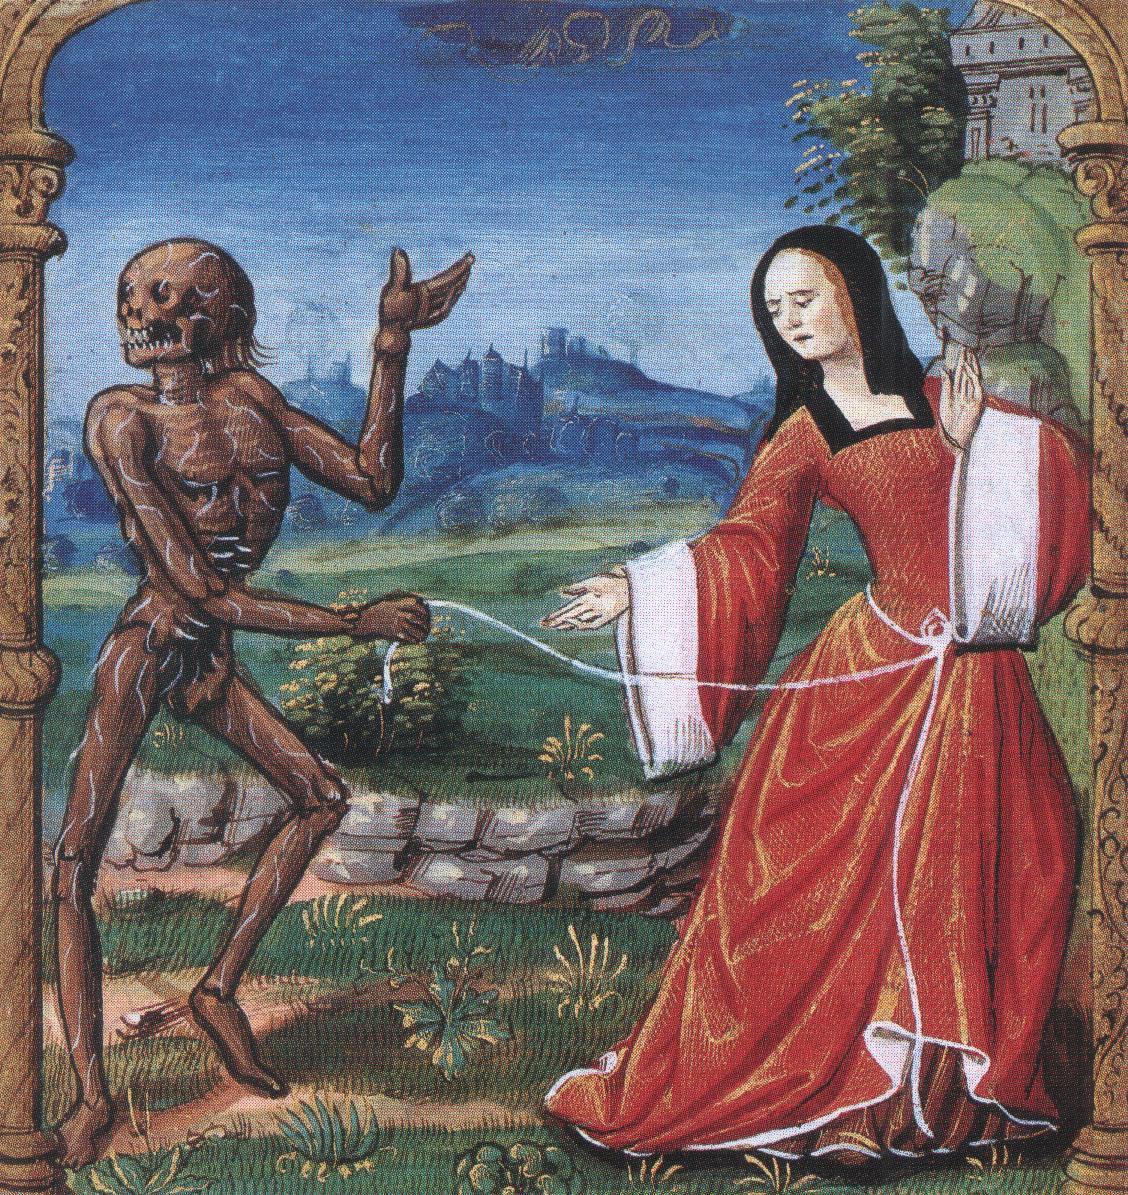 Смешные картинки про средневековье с надписью, днем